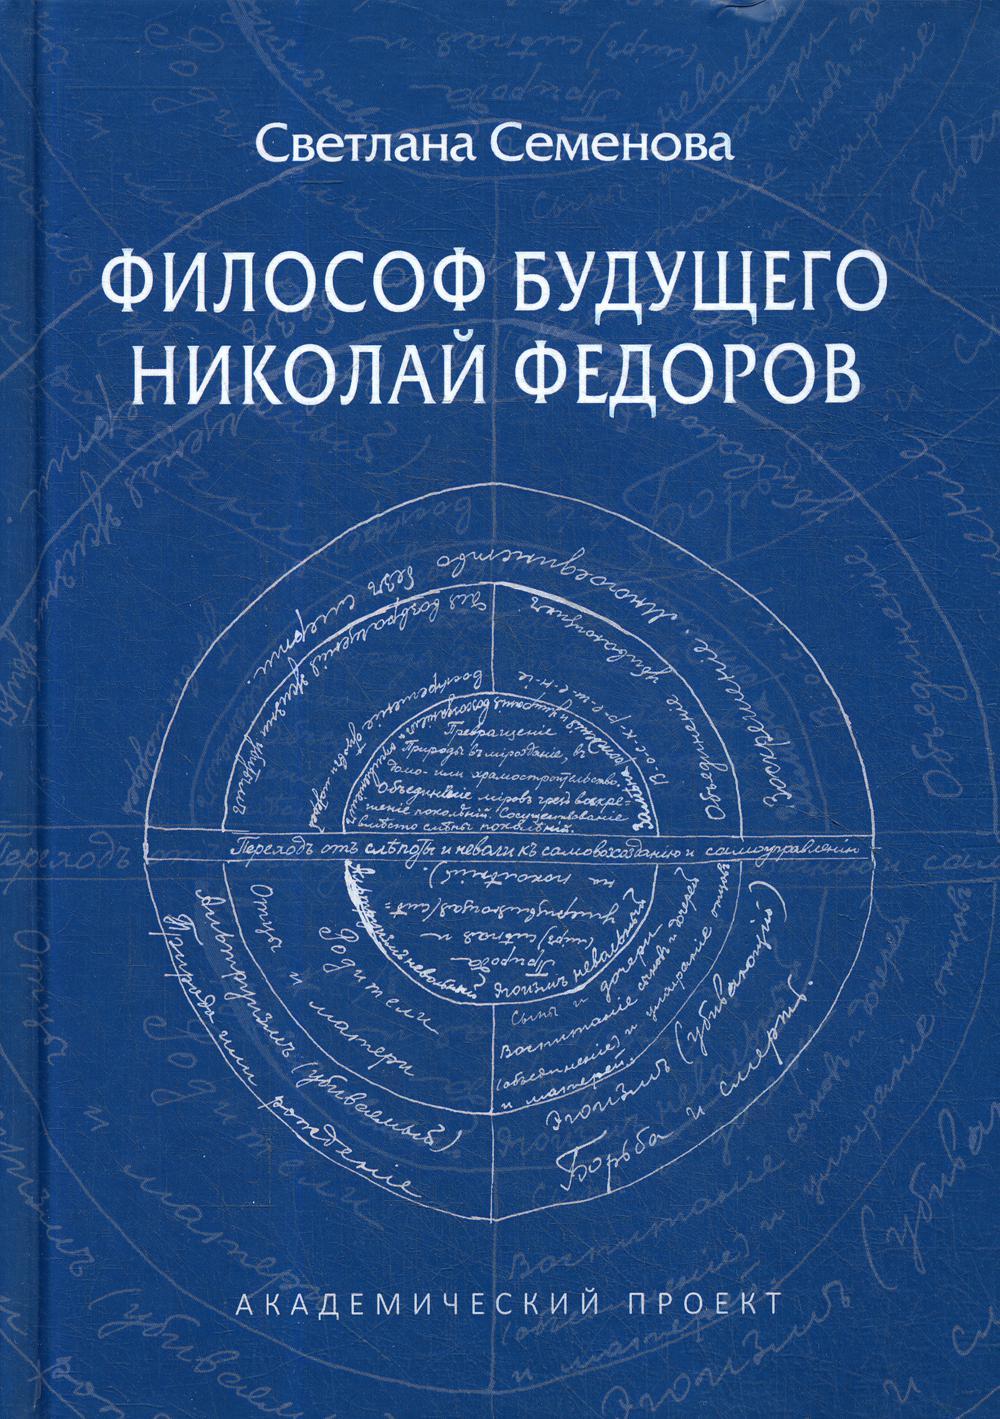 Философ будущего. Николай Федоров